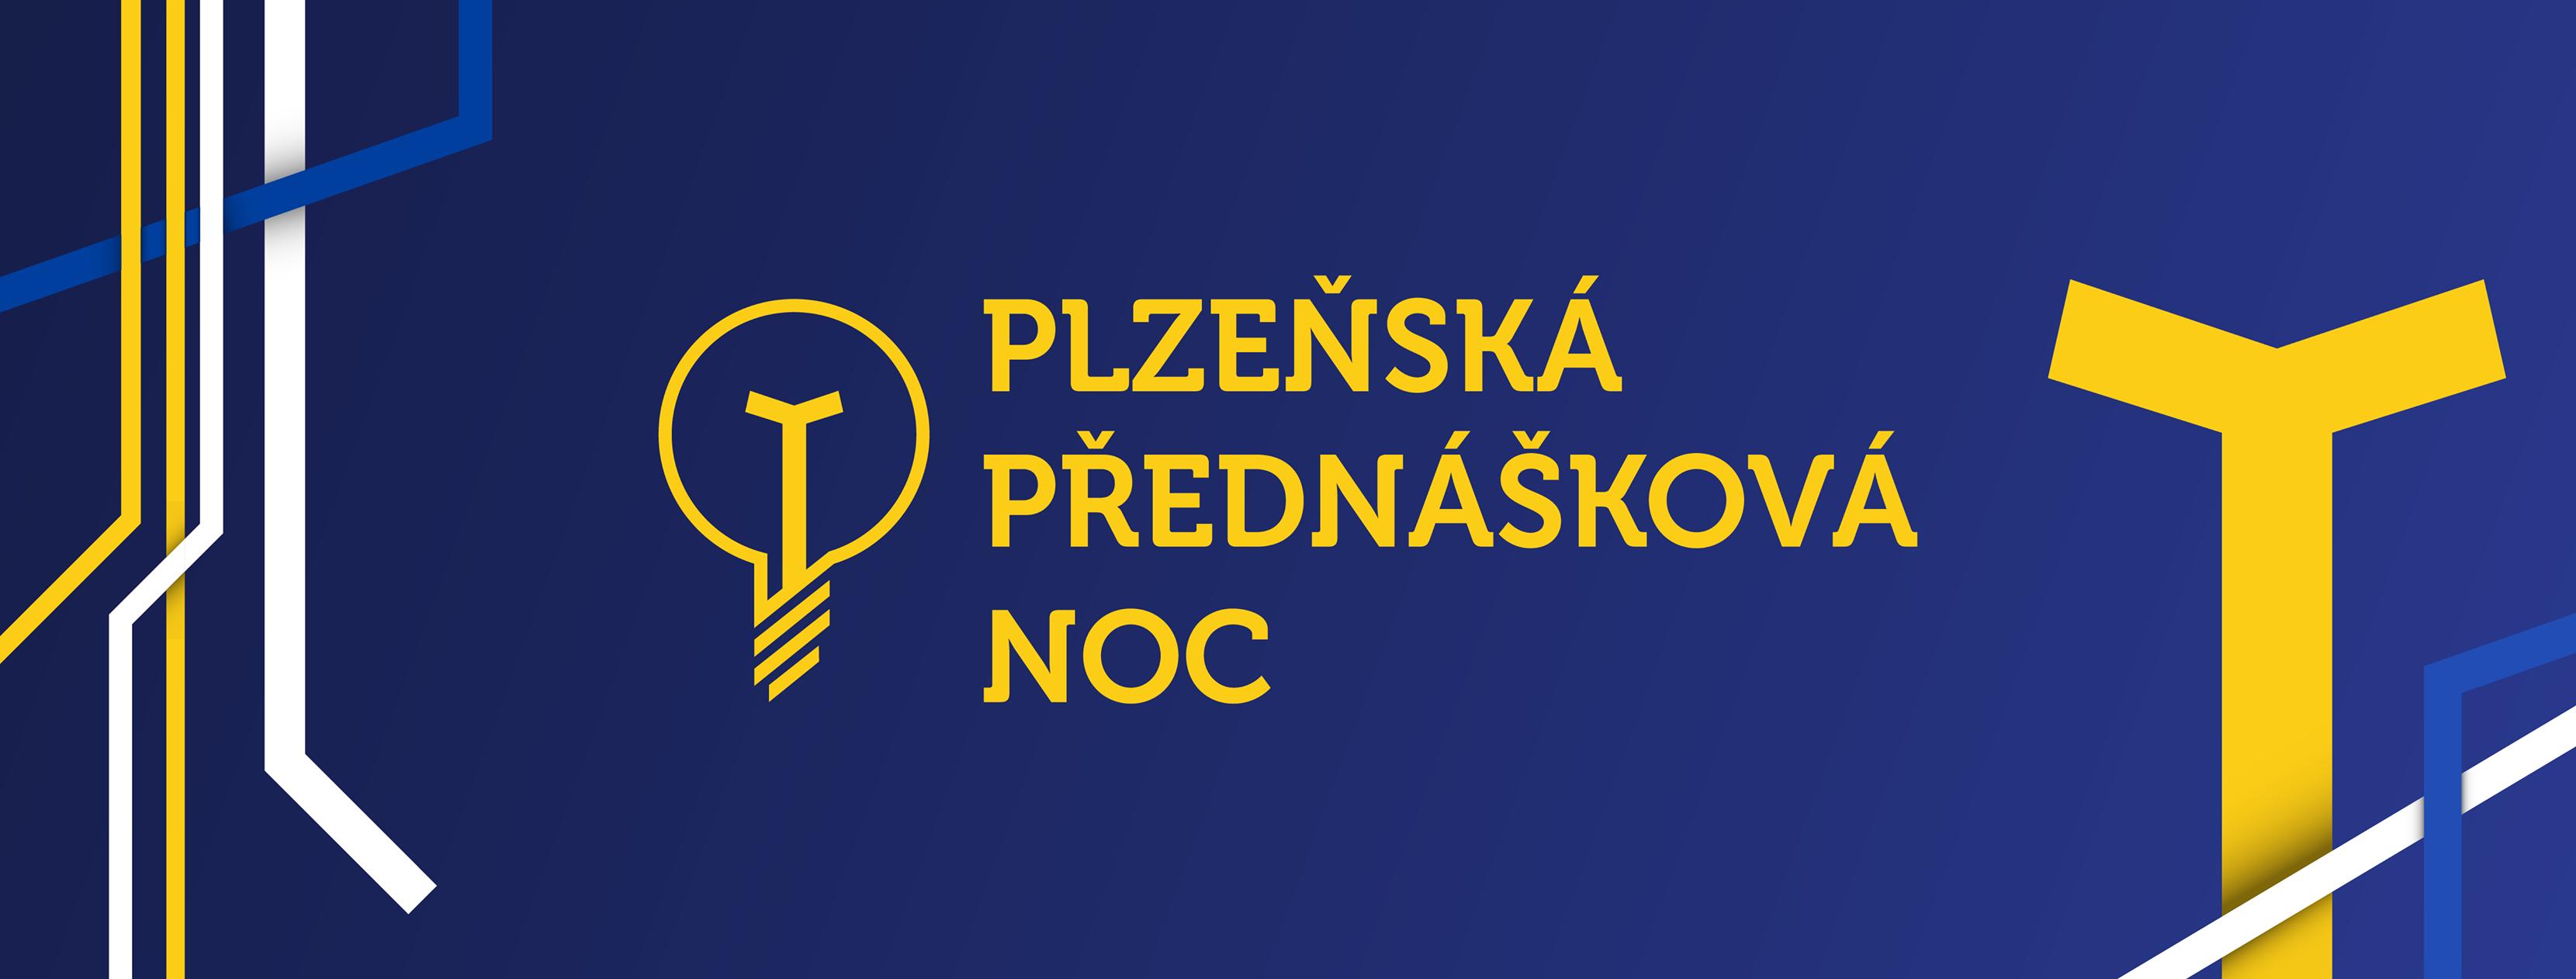 Studenti si přijedou do Plzně vyslechnout přednášky od svých vrstevníků